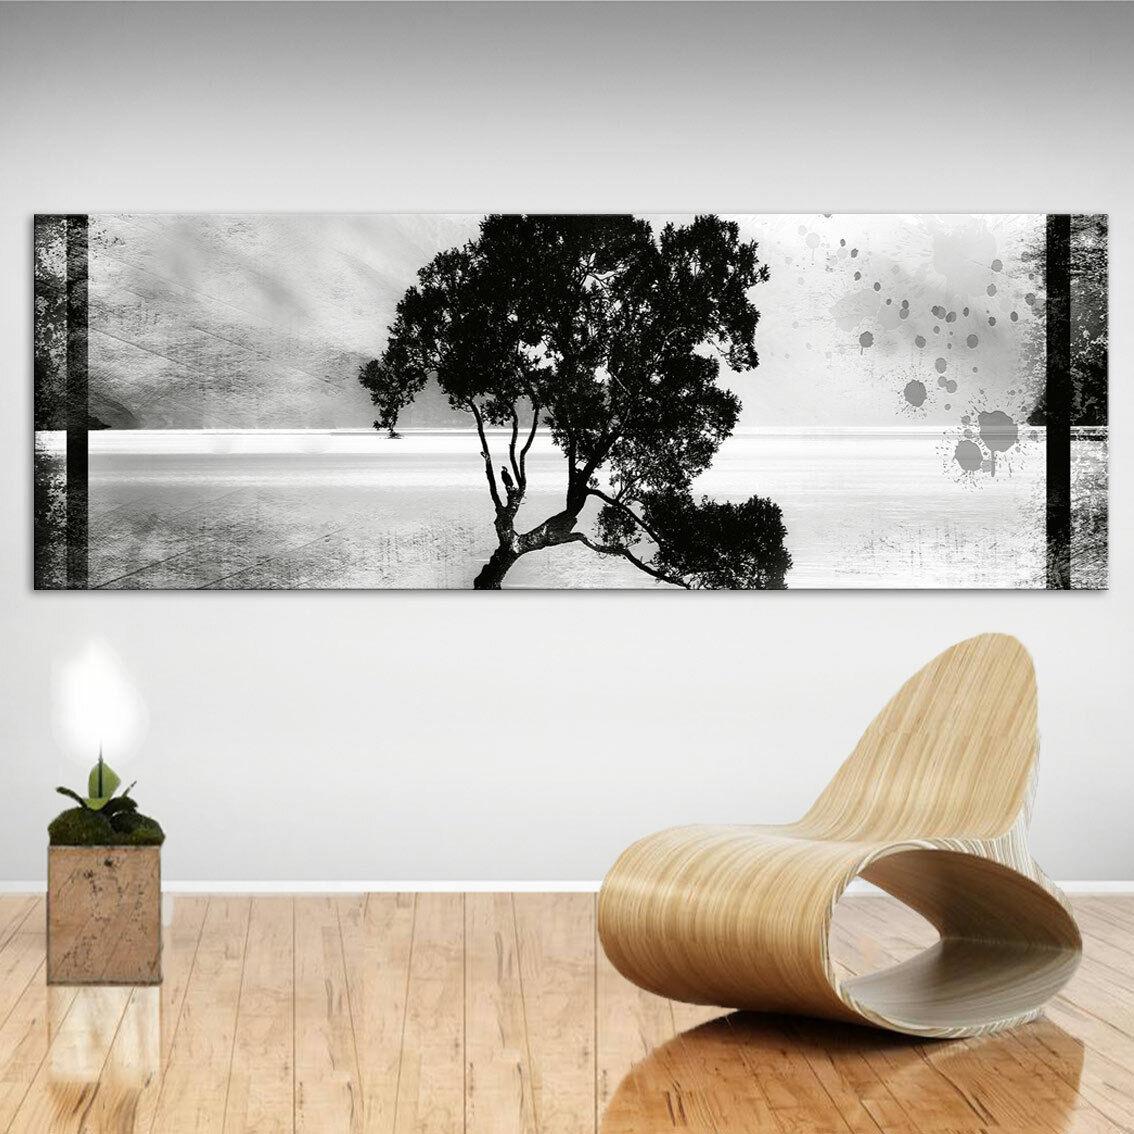 Panorama Bild Bäume Wald Landschaft Leinwand Abstrakte Bilder Wandbilder D2064